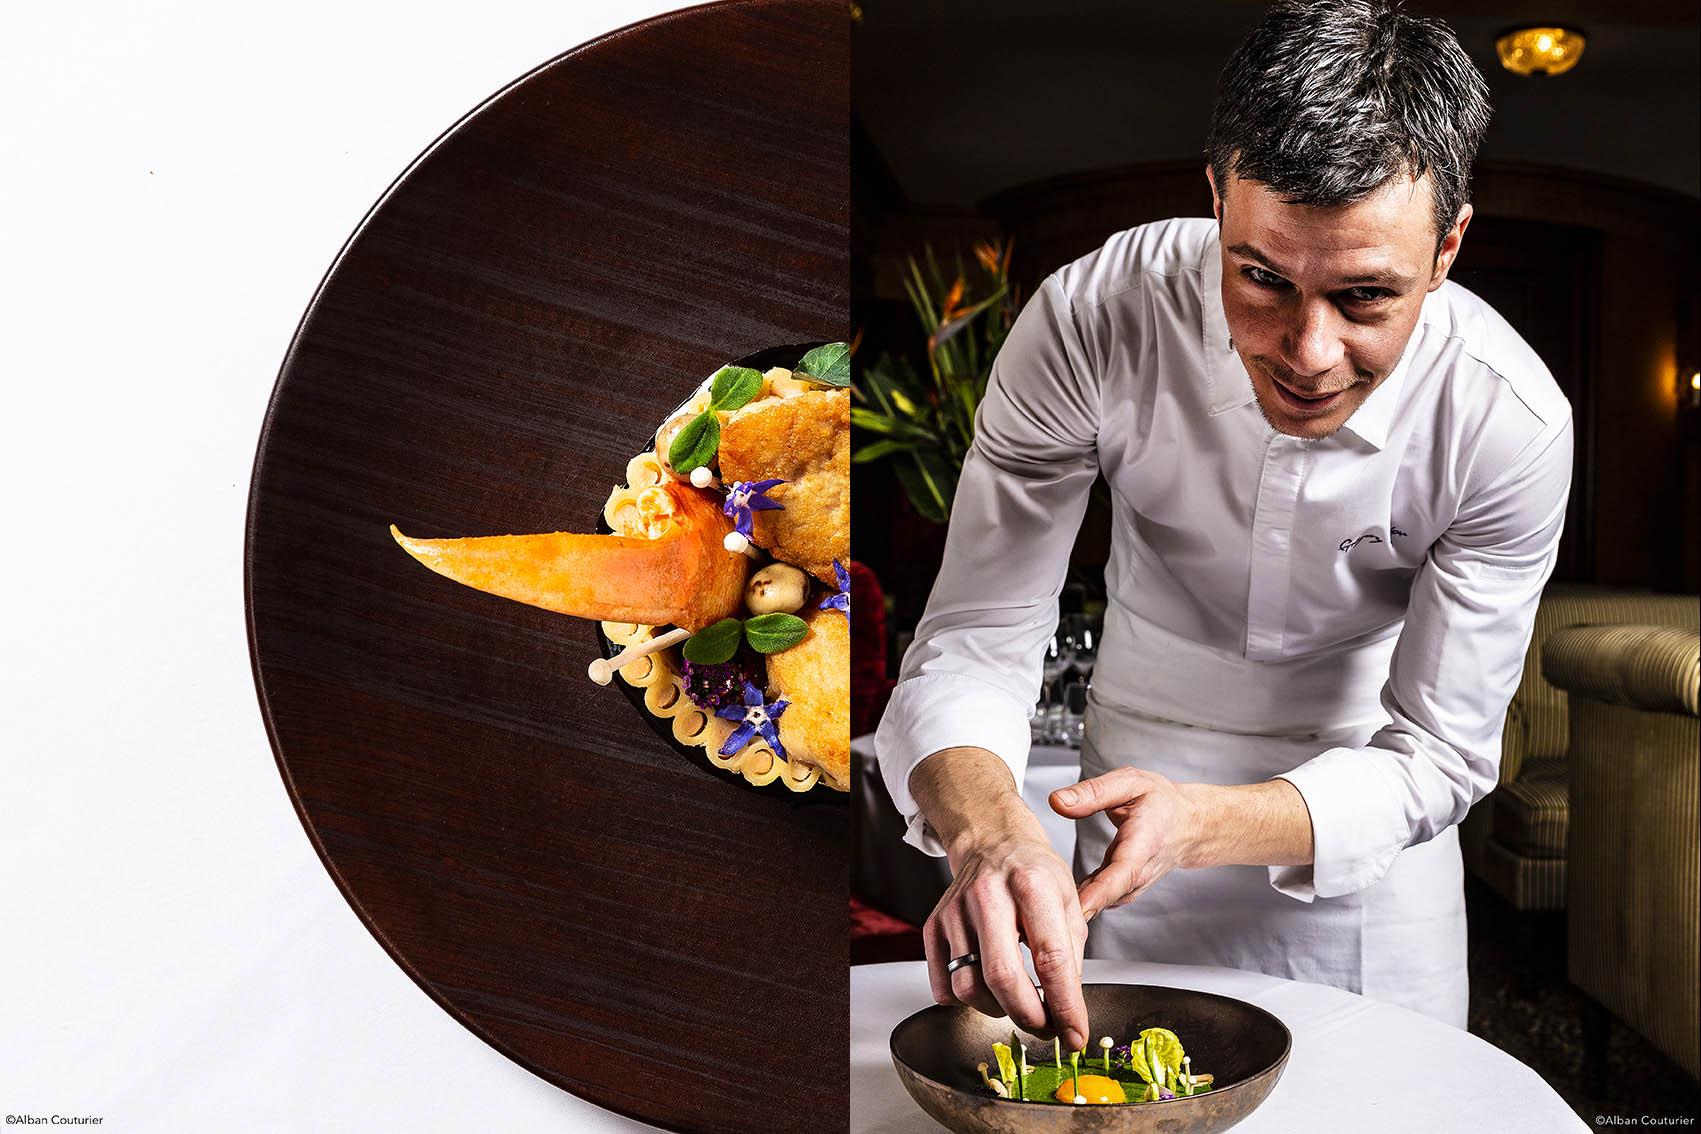 Ris de veau et homard,chef executif  gregory Rejou,Le Restaurant au sein de l'Hotel, rue des beaux arts, Paris ©Alban Couturier